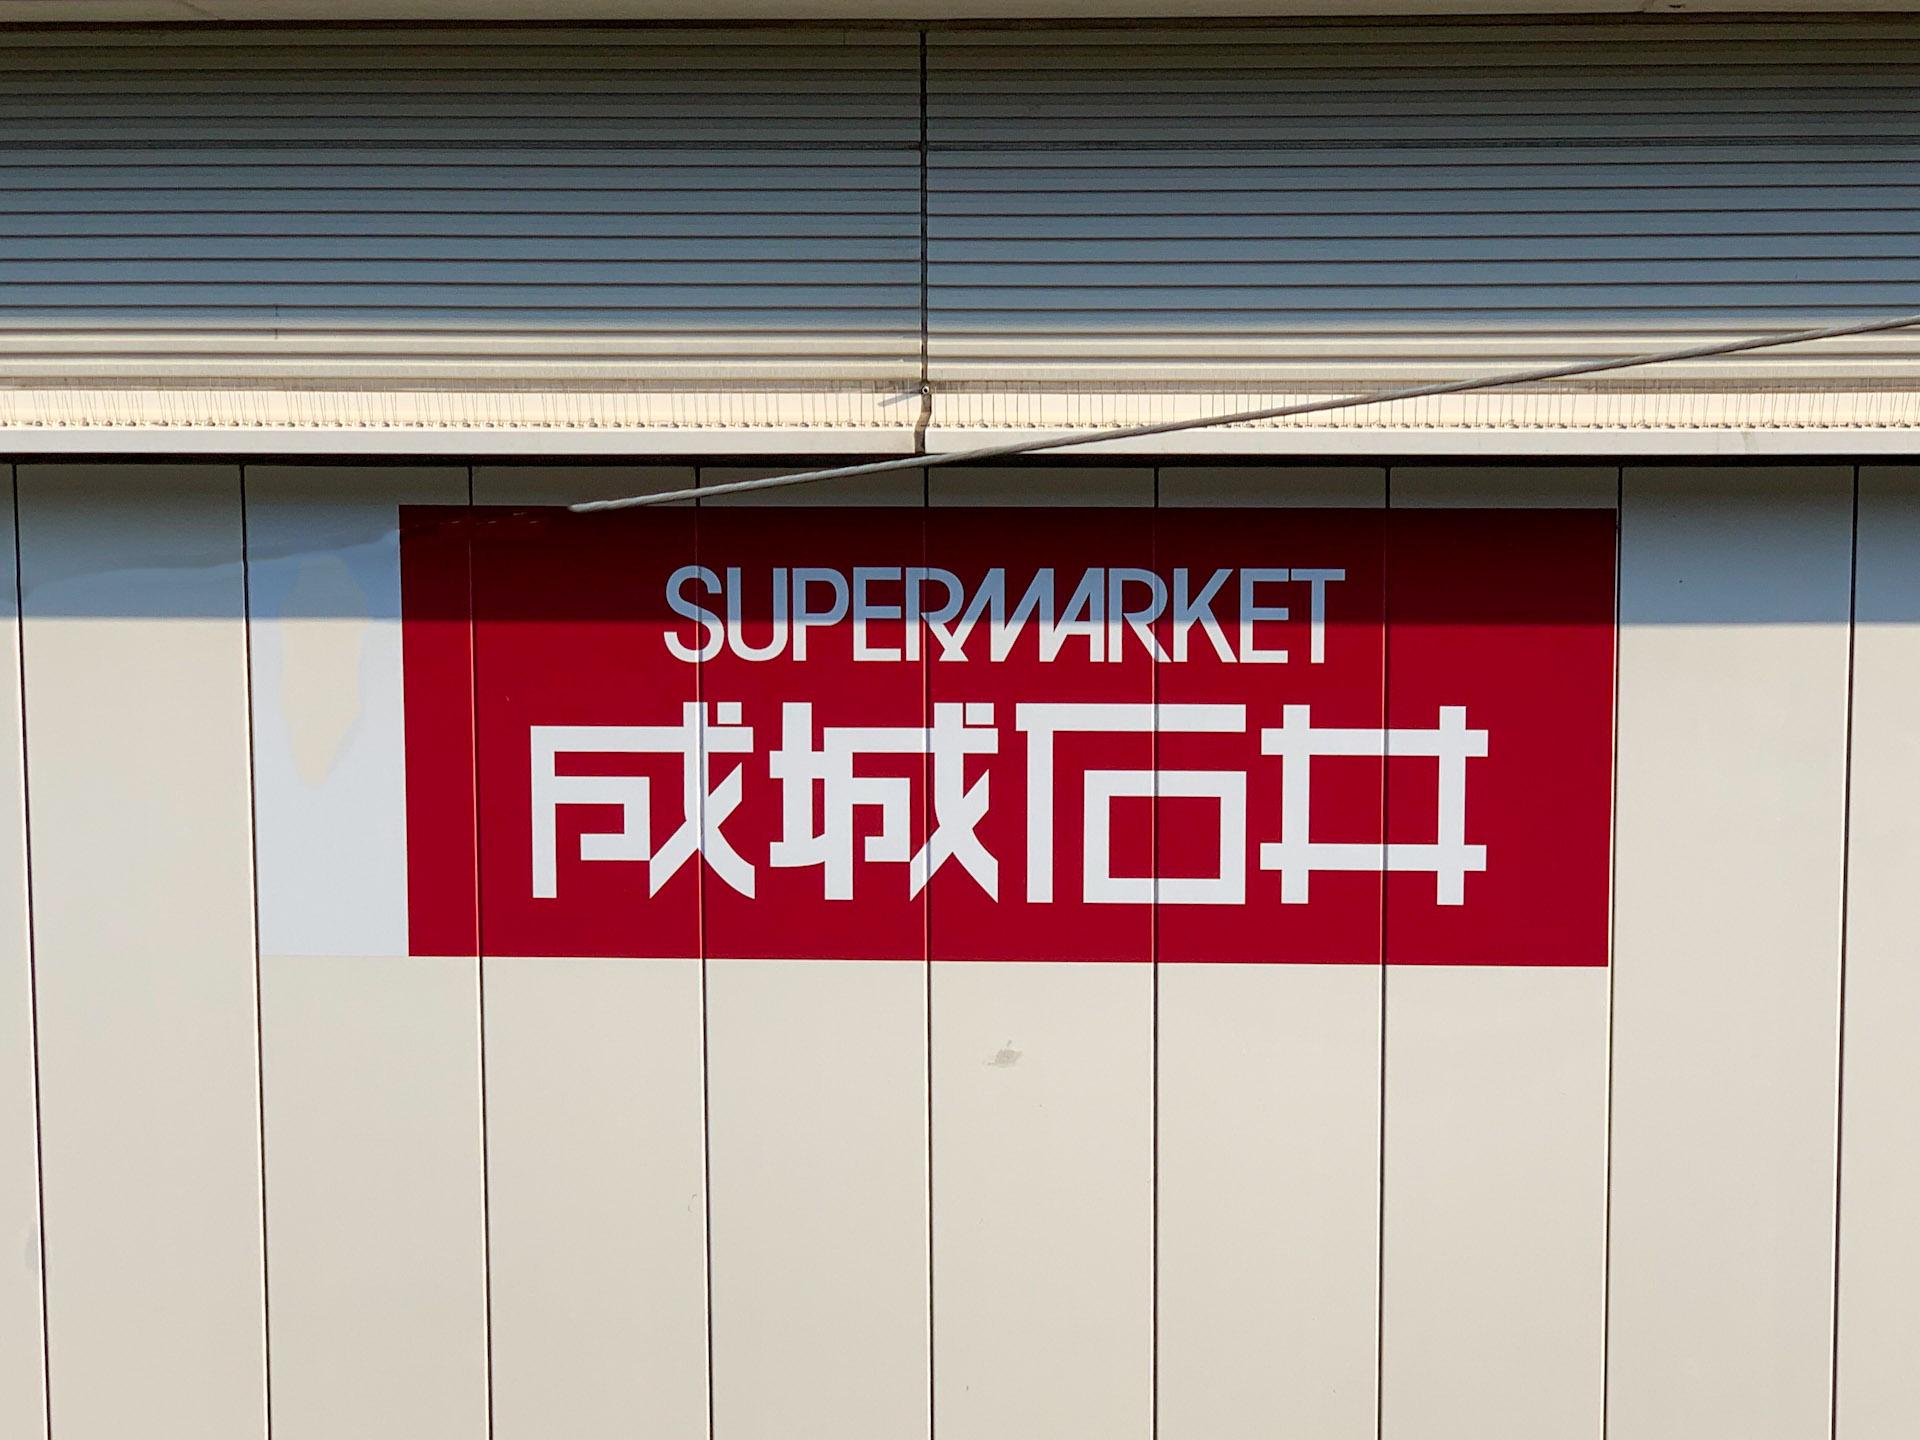 成城石井のプレーンサブレが美味しすぎる!手土産にも嬉しいおすすめ商品とは